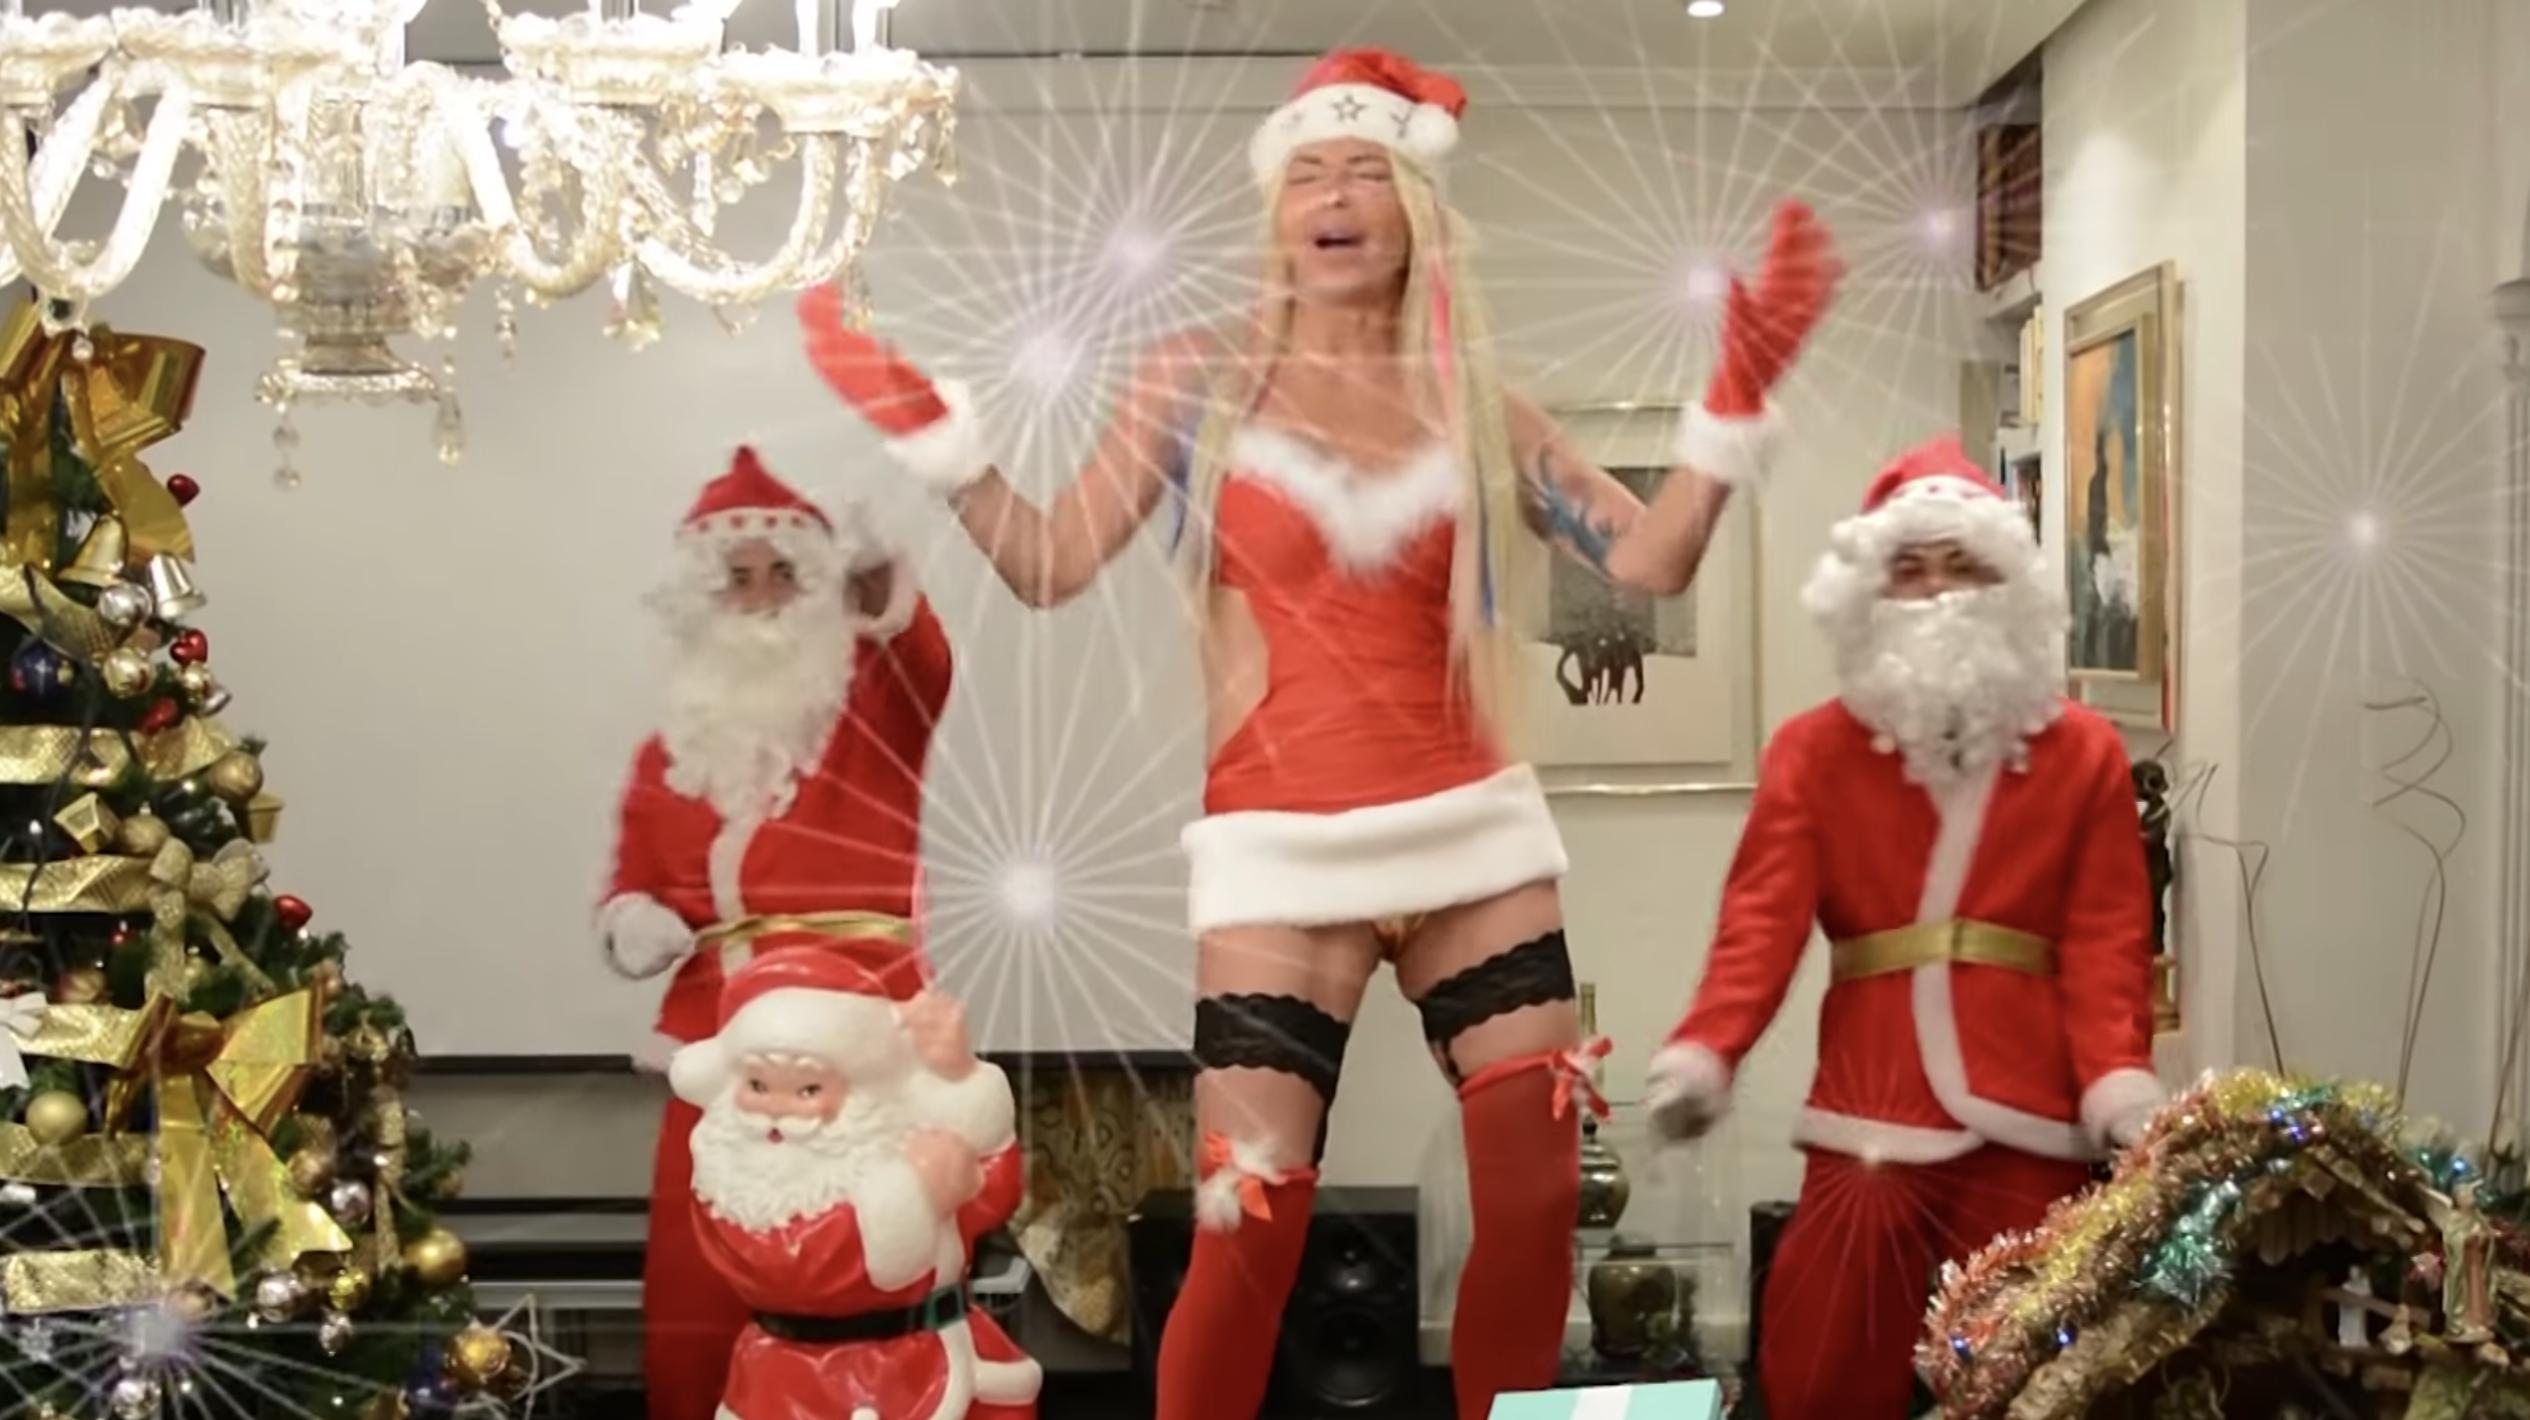 Tiembla Mariah Carey, Leticia Sabater tiene nuevo villancico